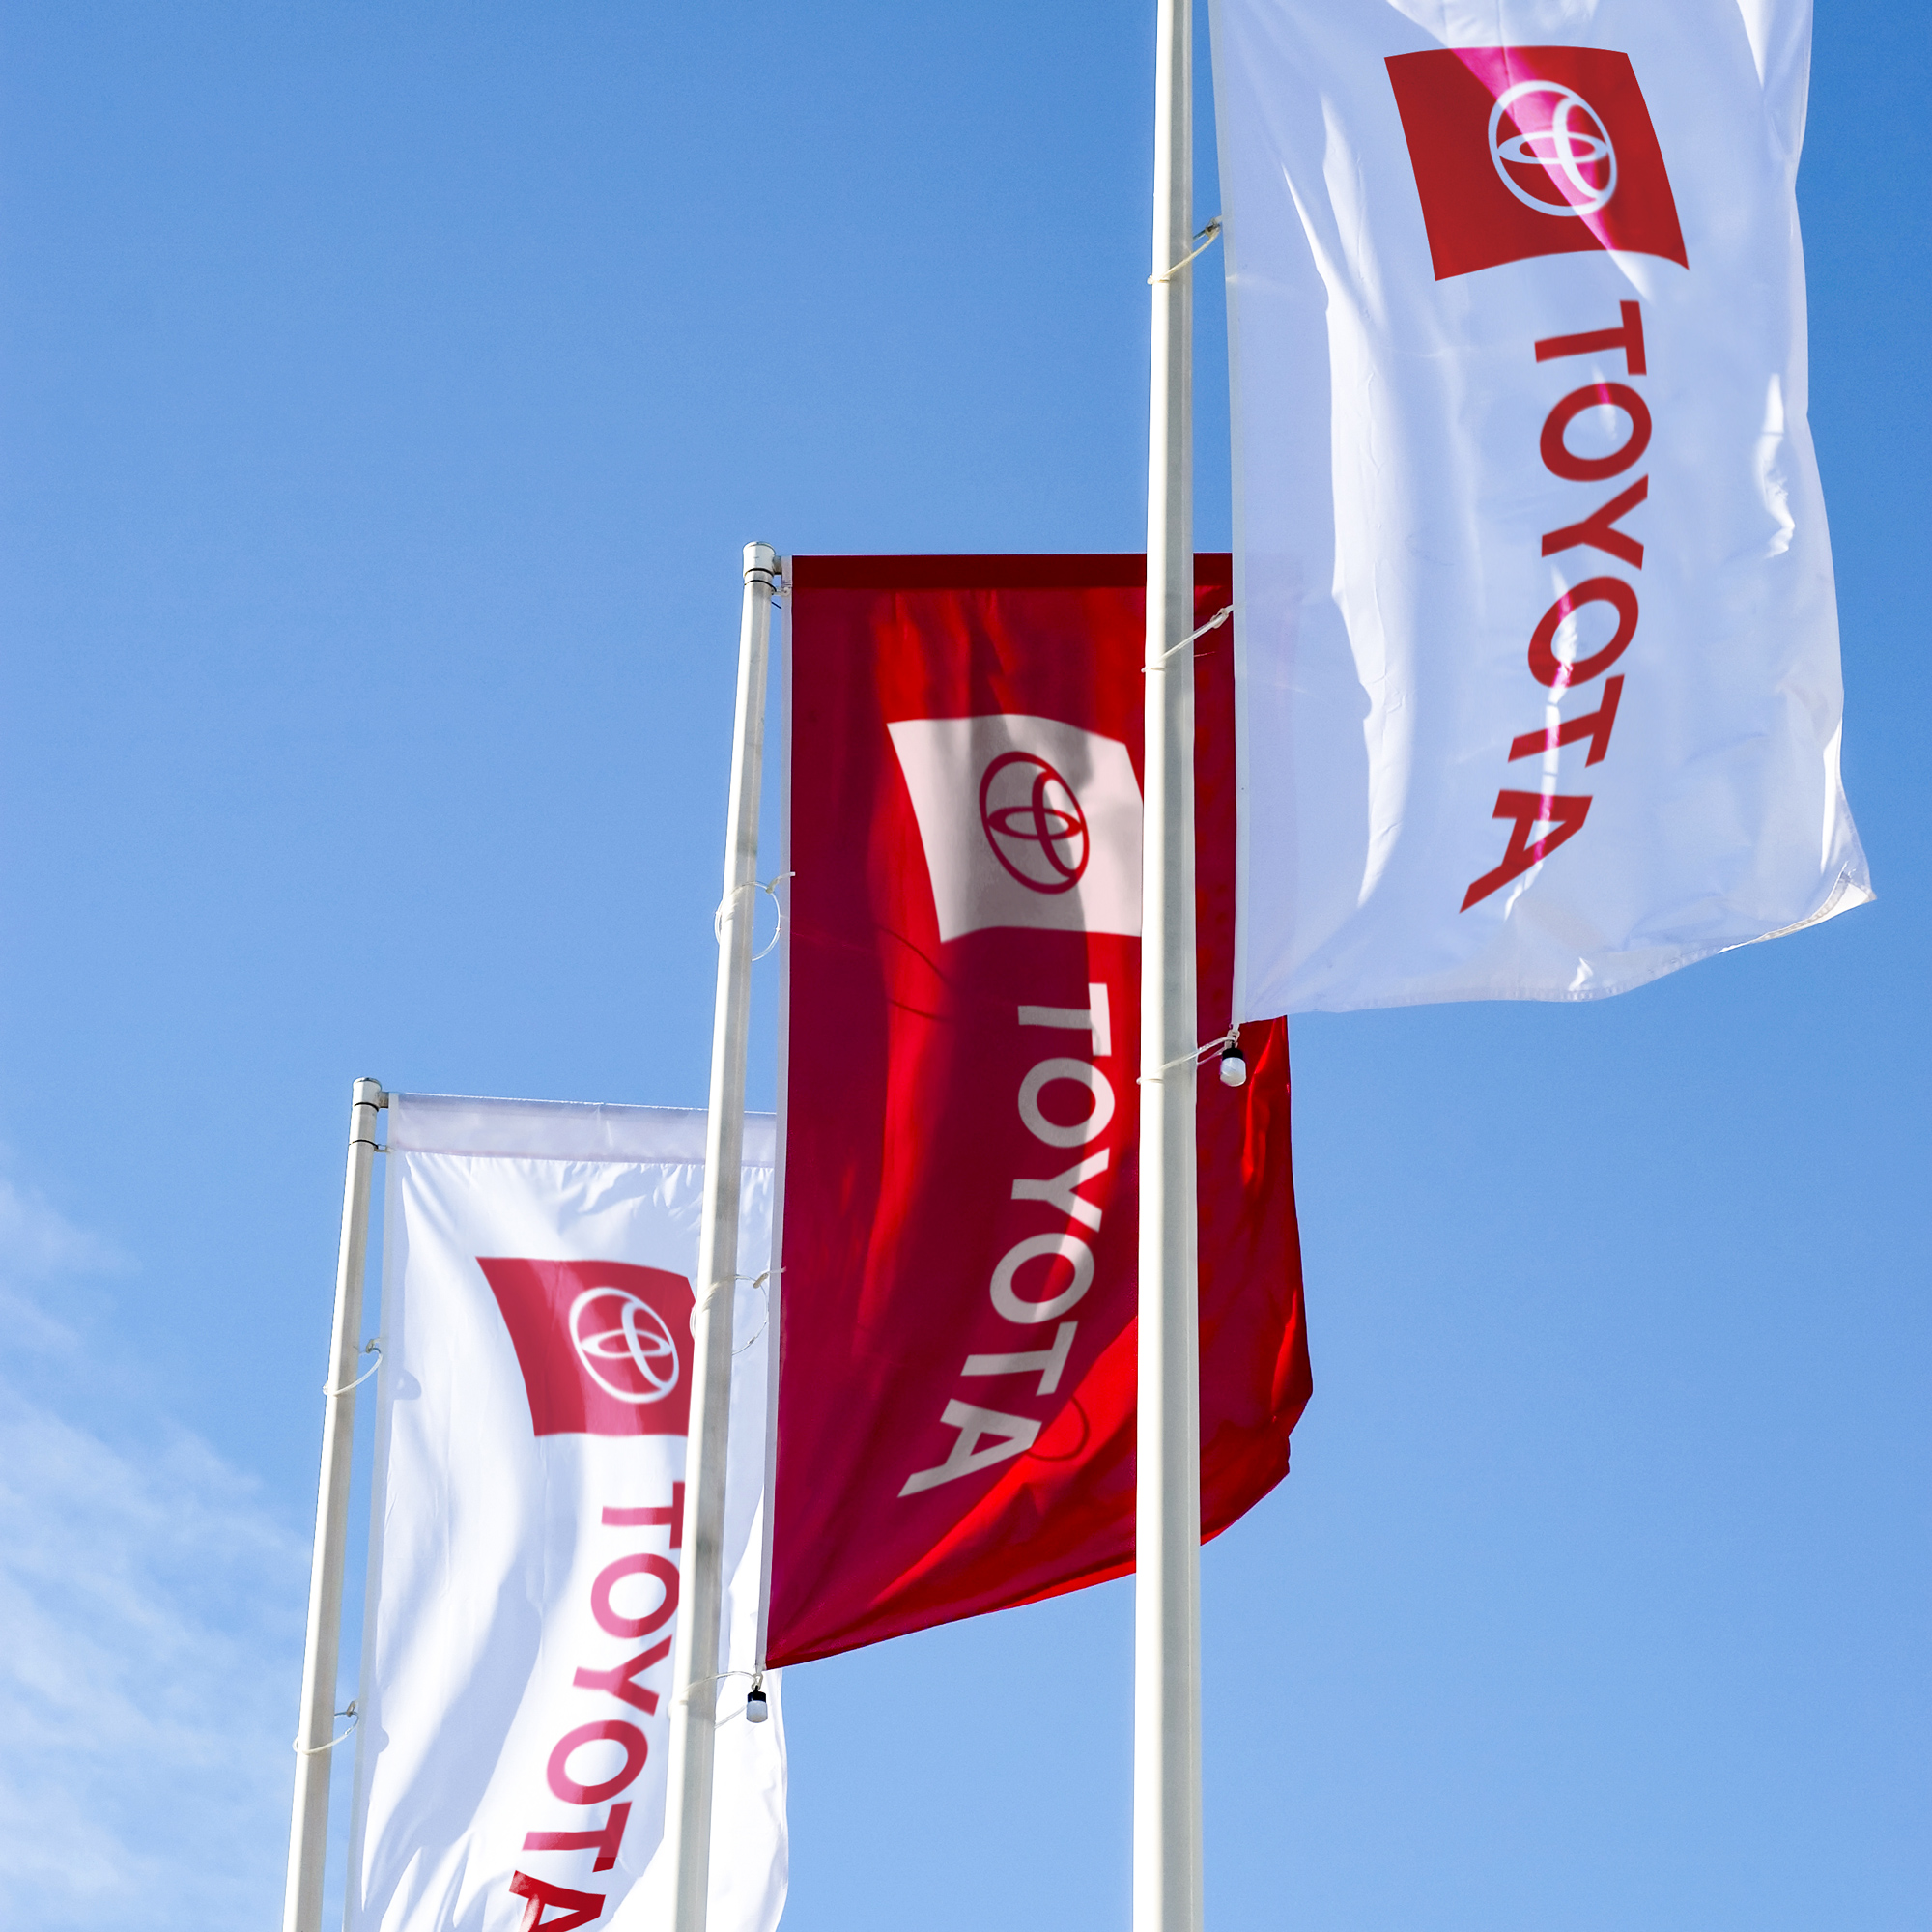 Nowe logo Toyoty na flagach